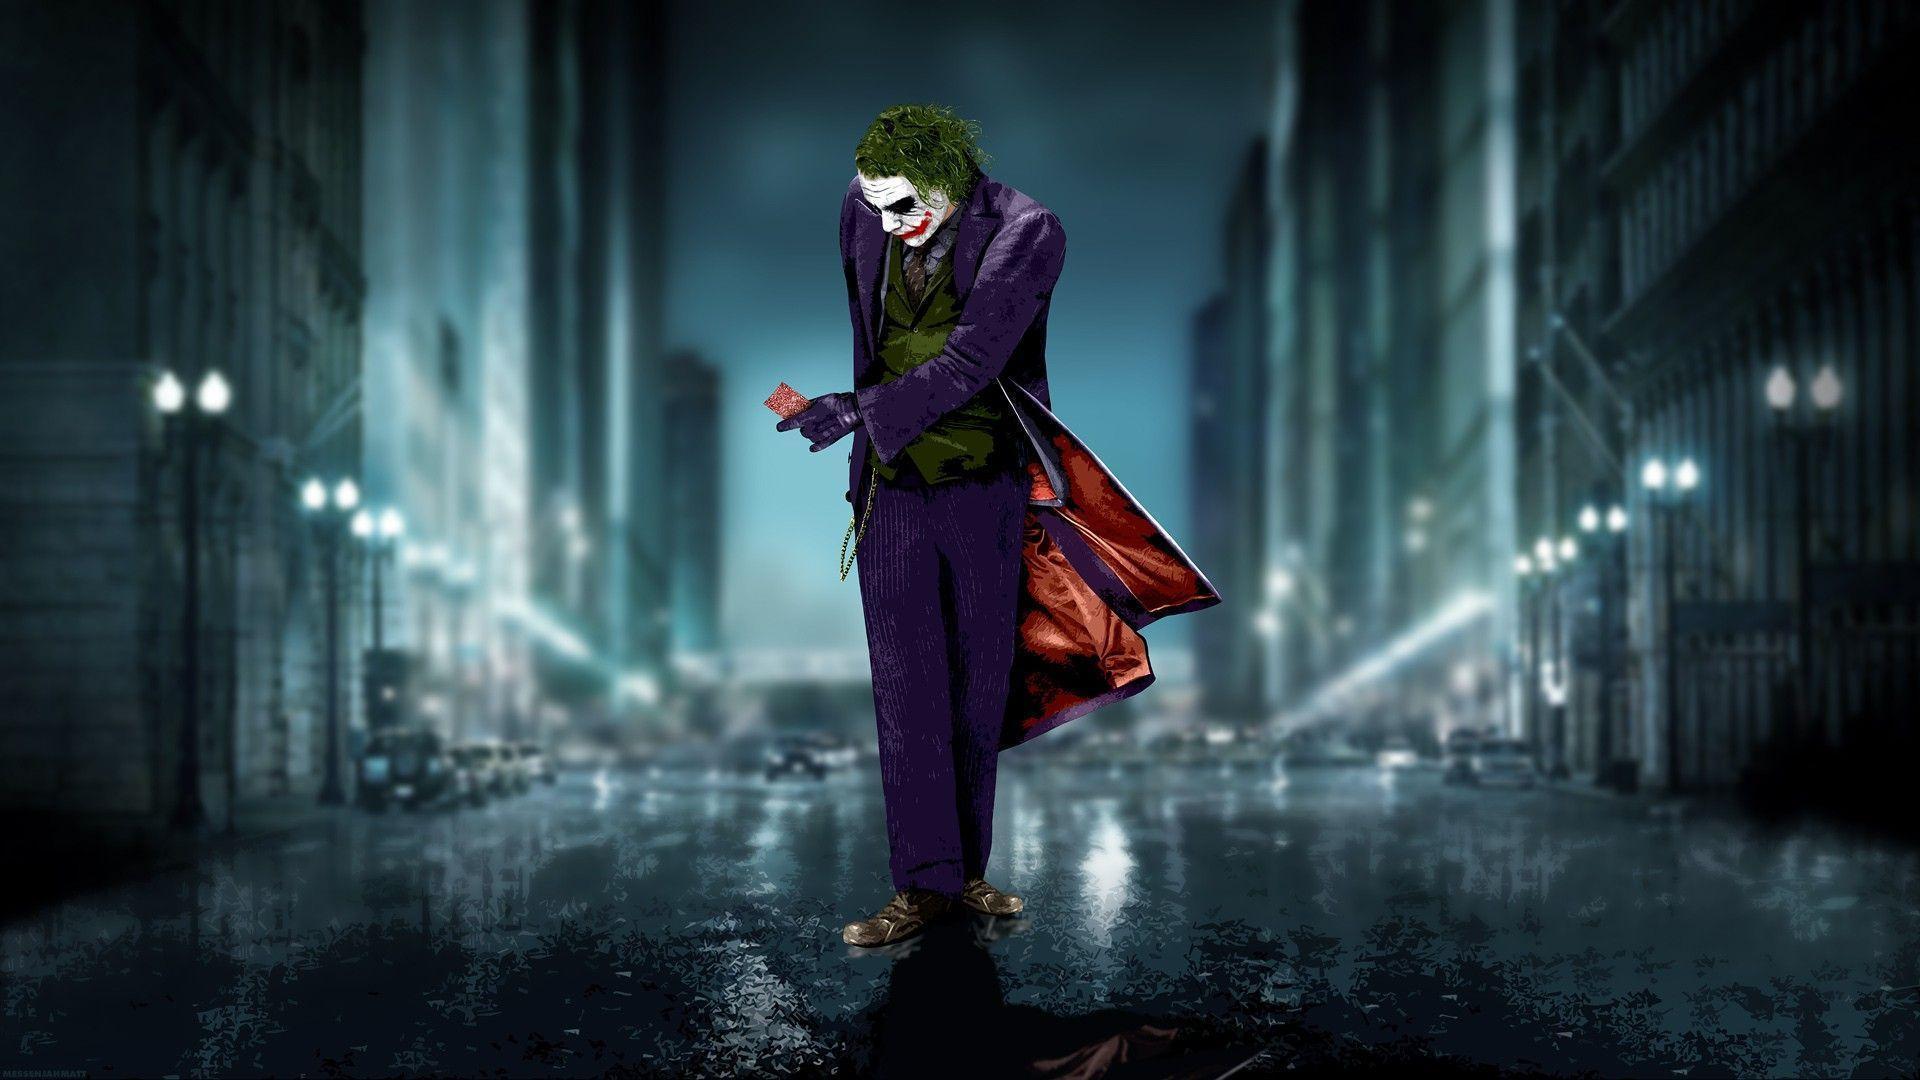 Joker Desktop Wallpapers   Top Joker Desktop Backgrounds 1920x1080